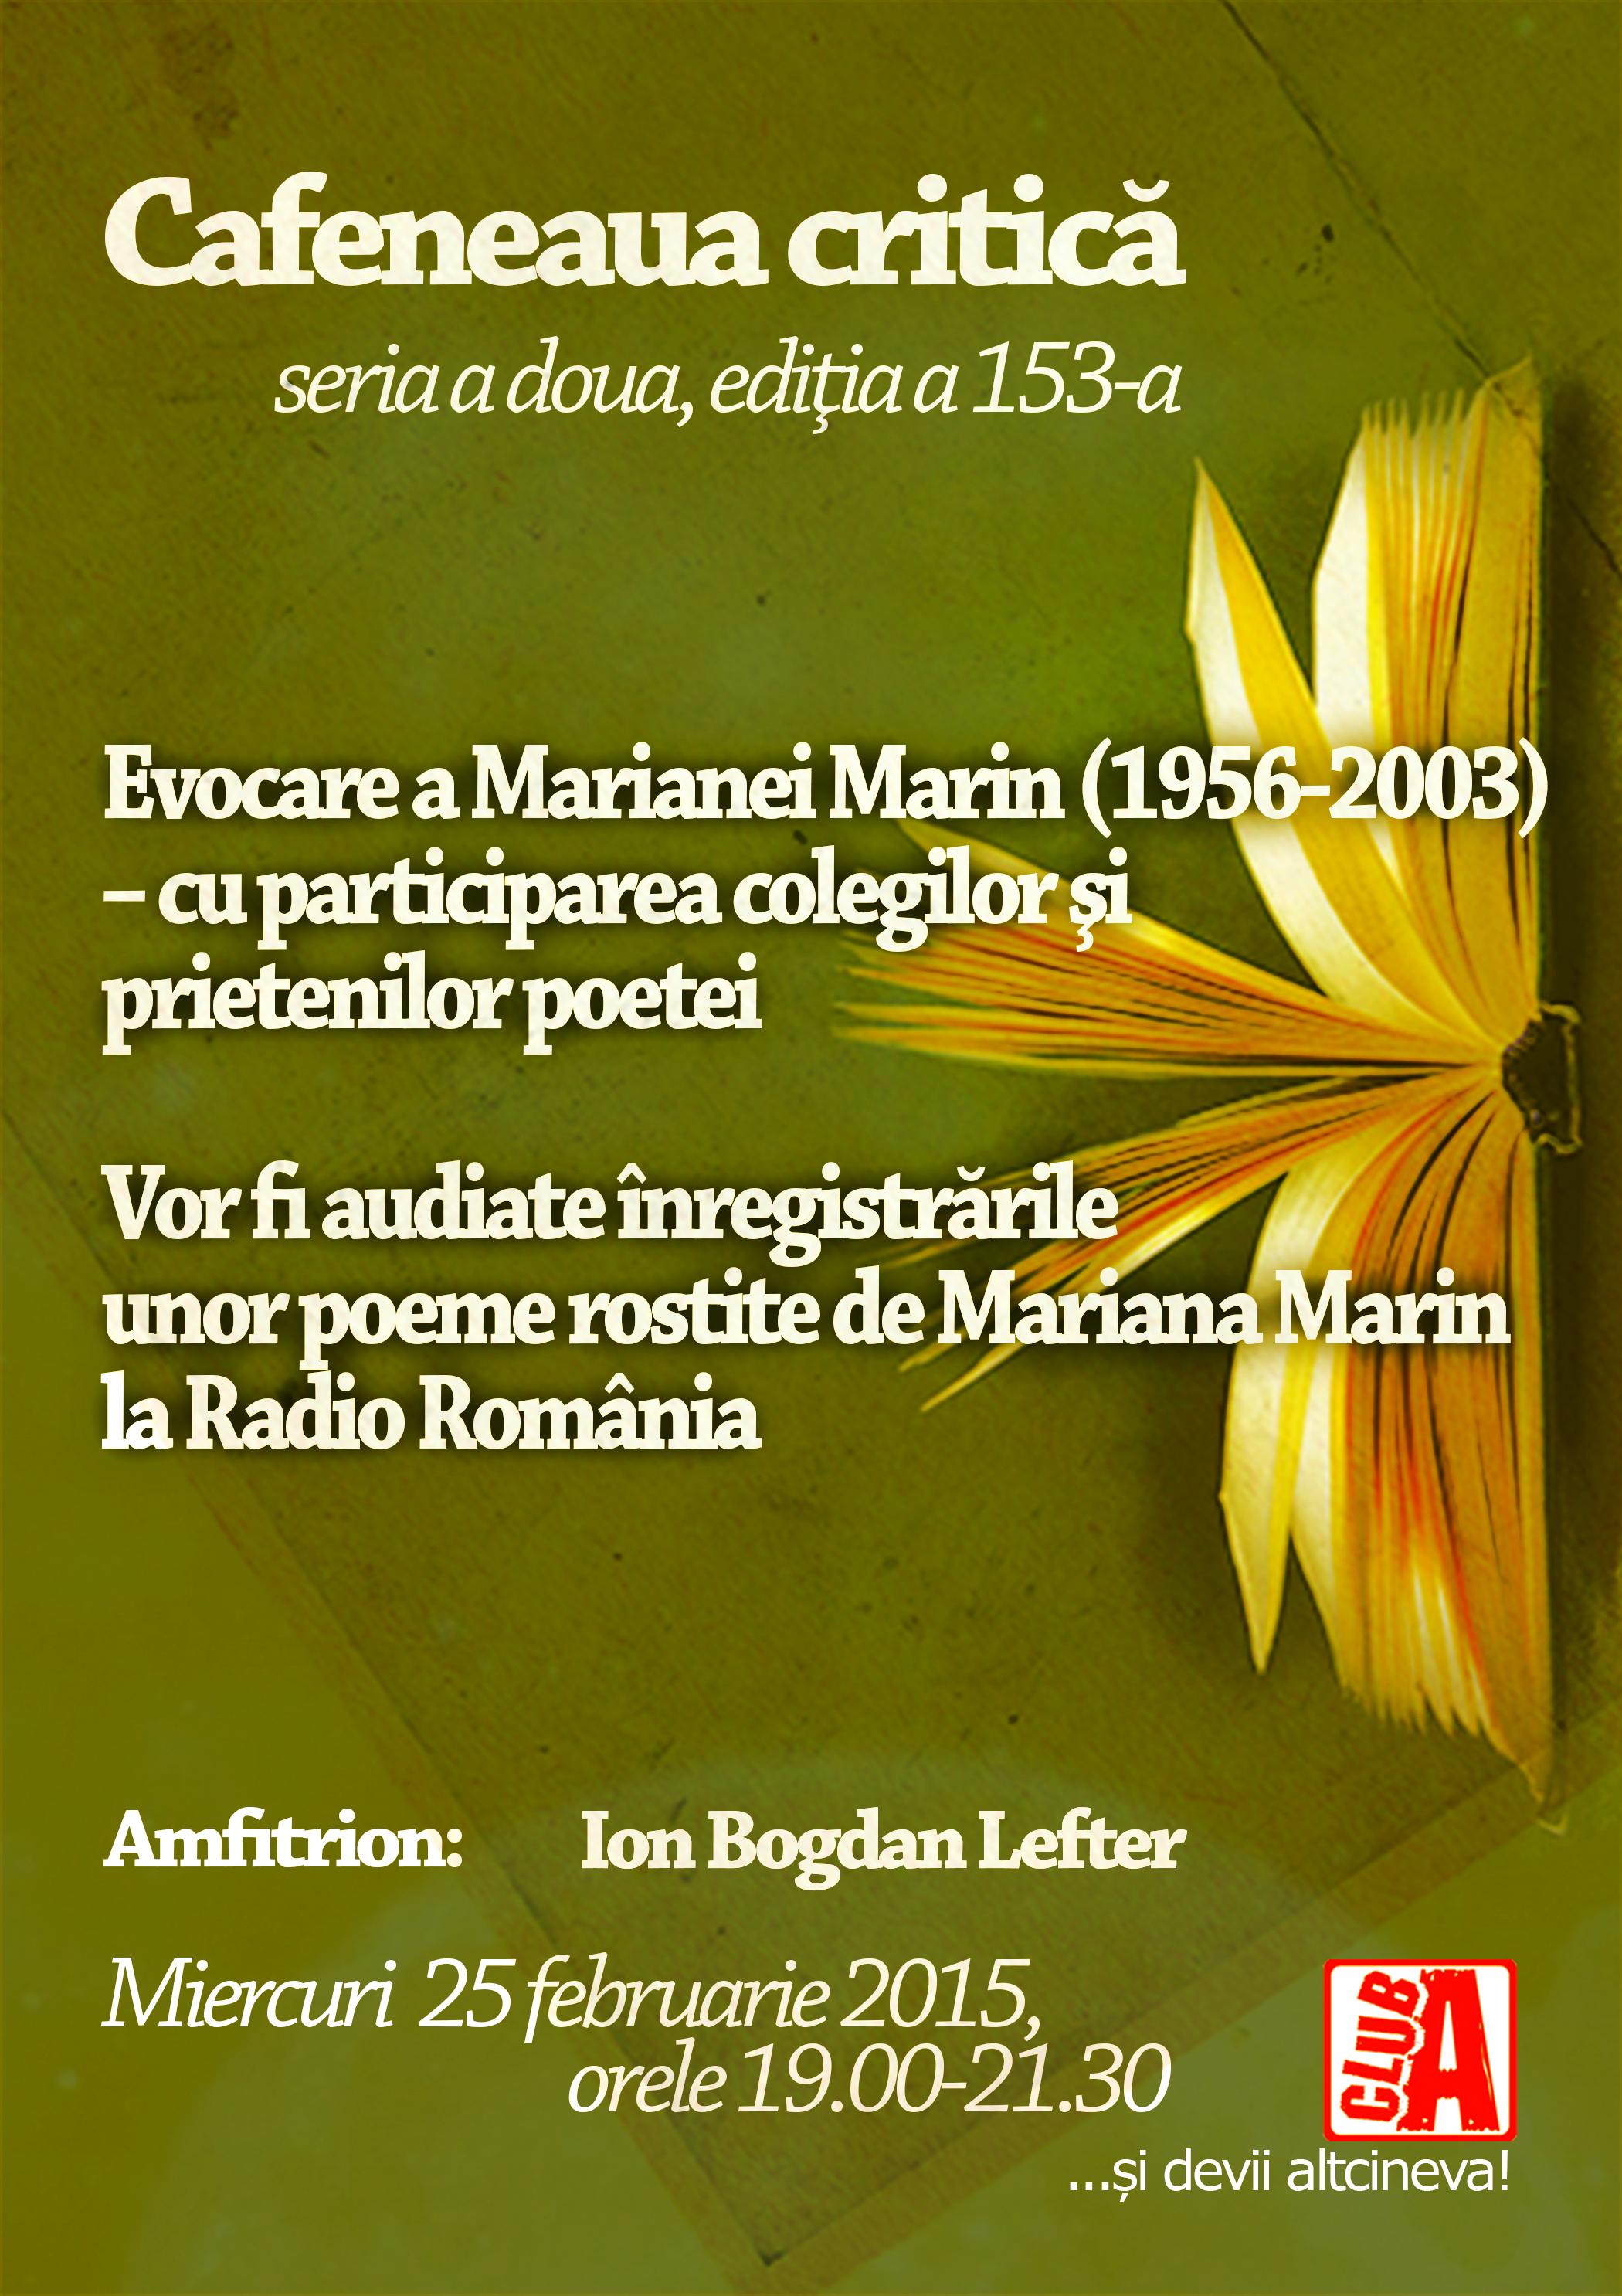 Vocea Marianei Marin la Cafeneaua critică